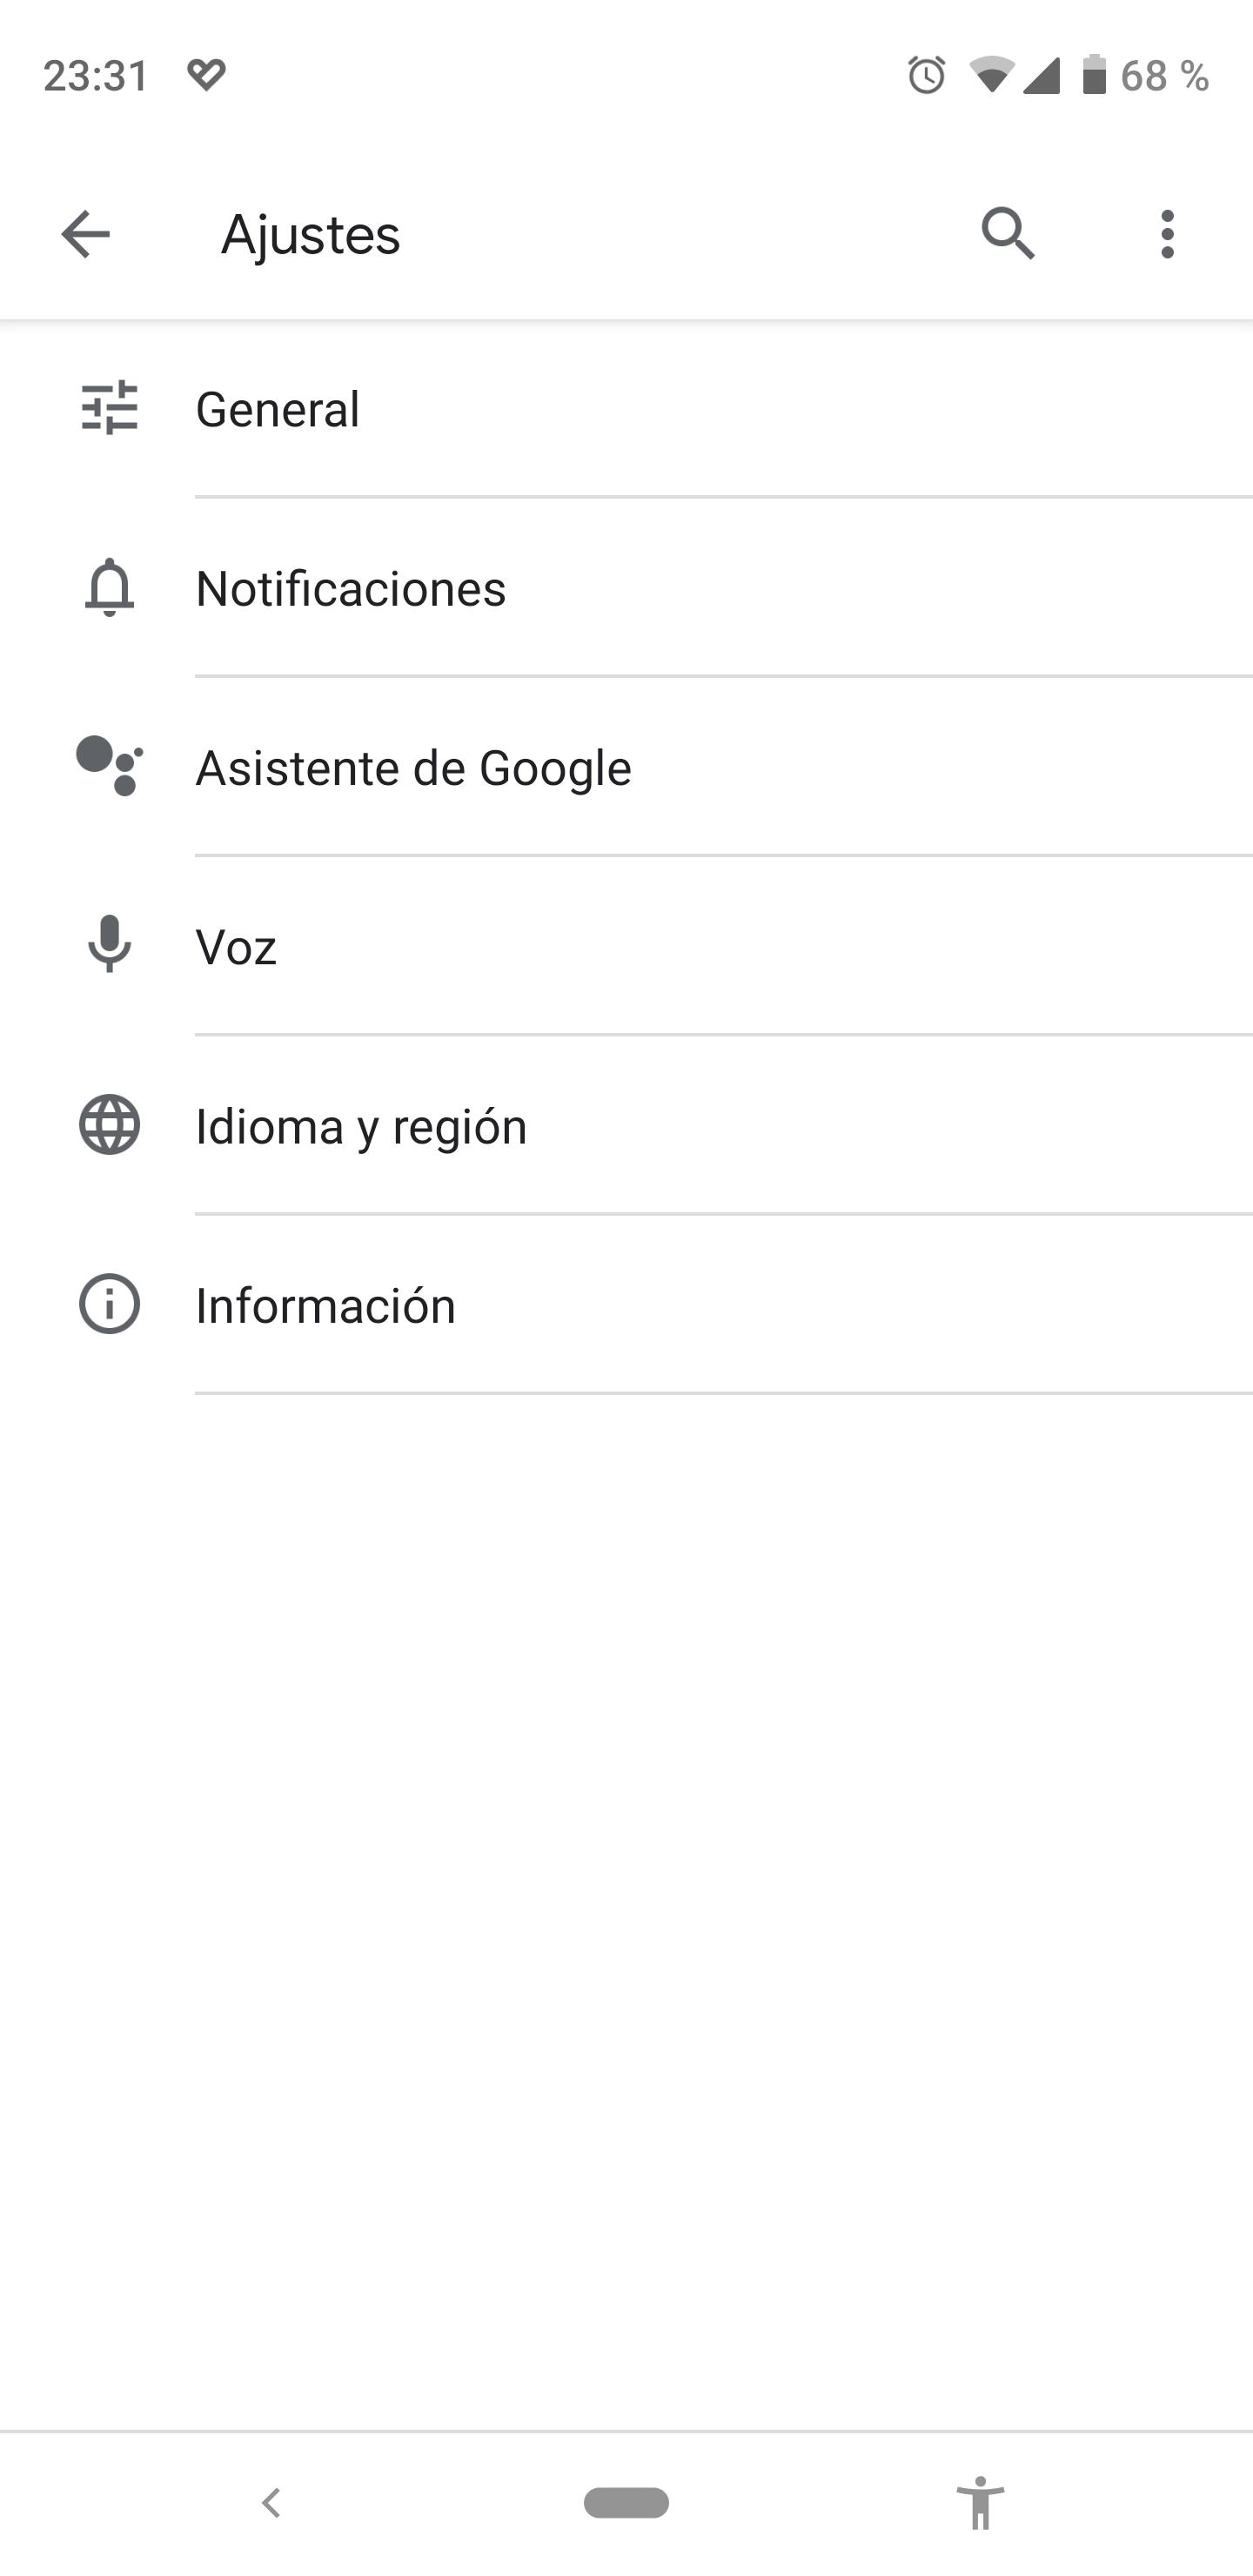 Aburrido del Asistente de Google?  Pasos para deshabilitarlo 1